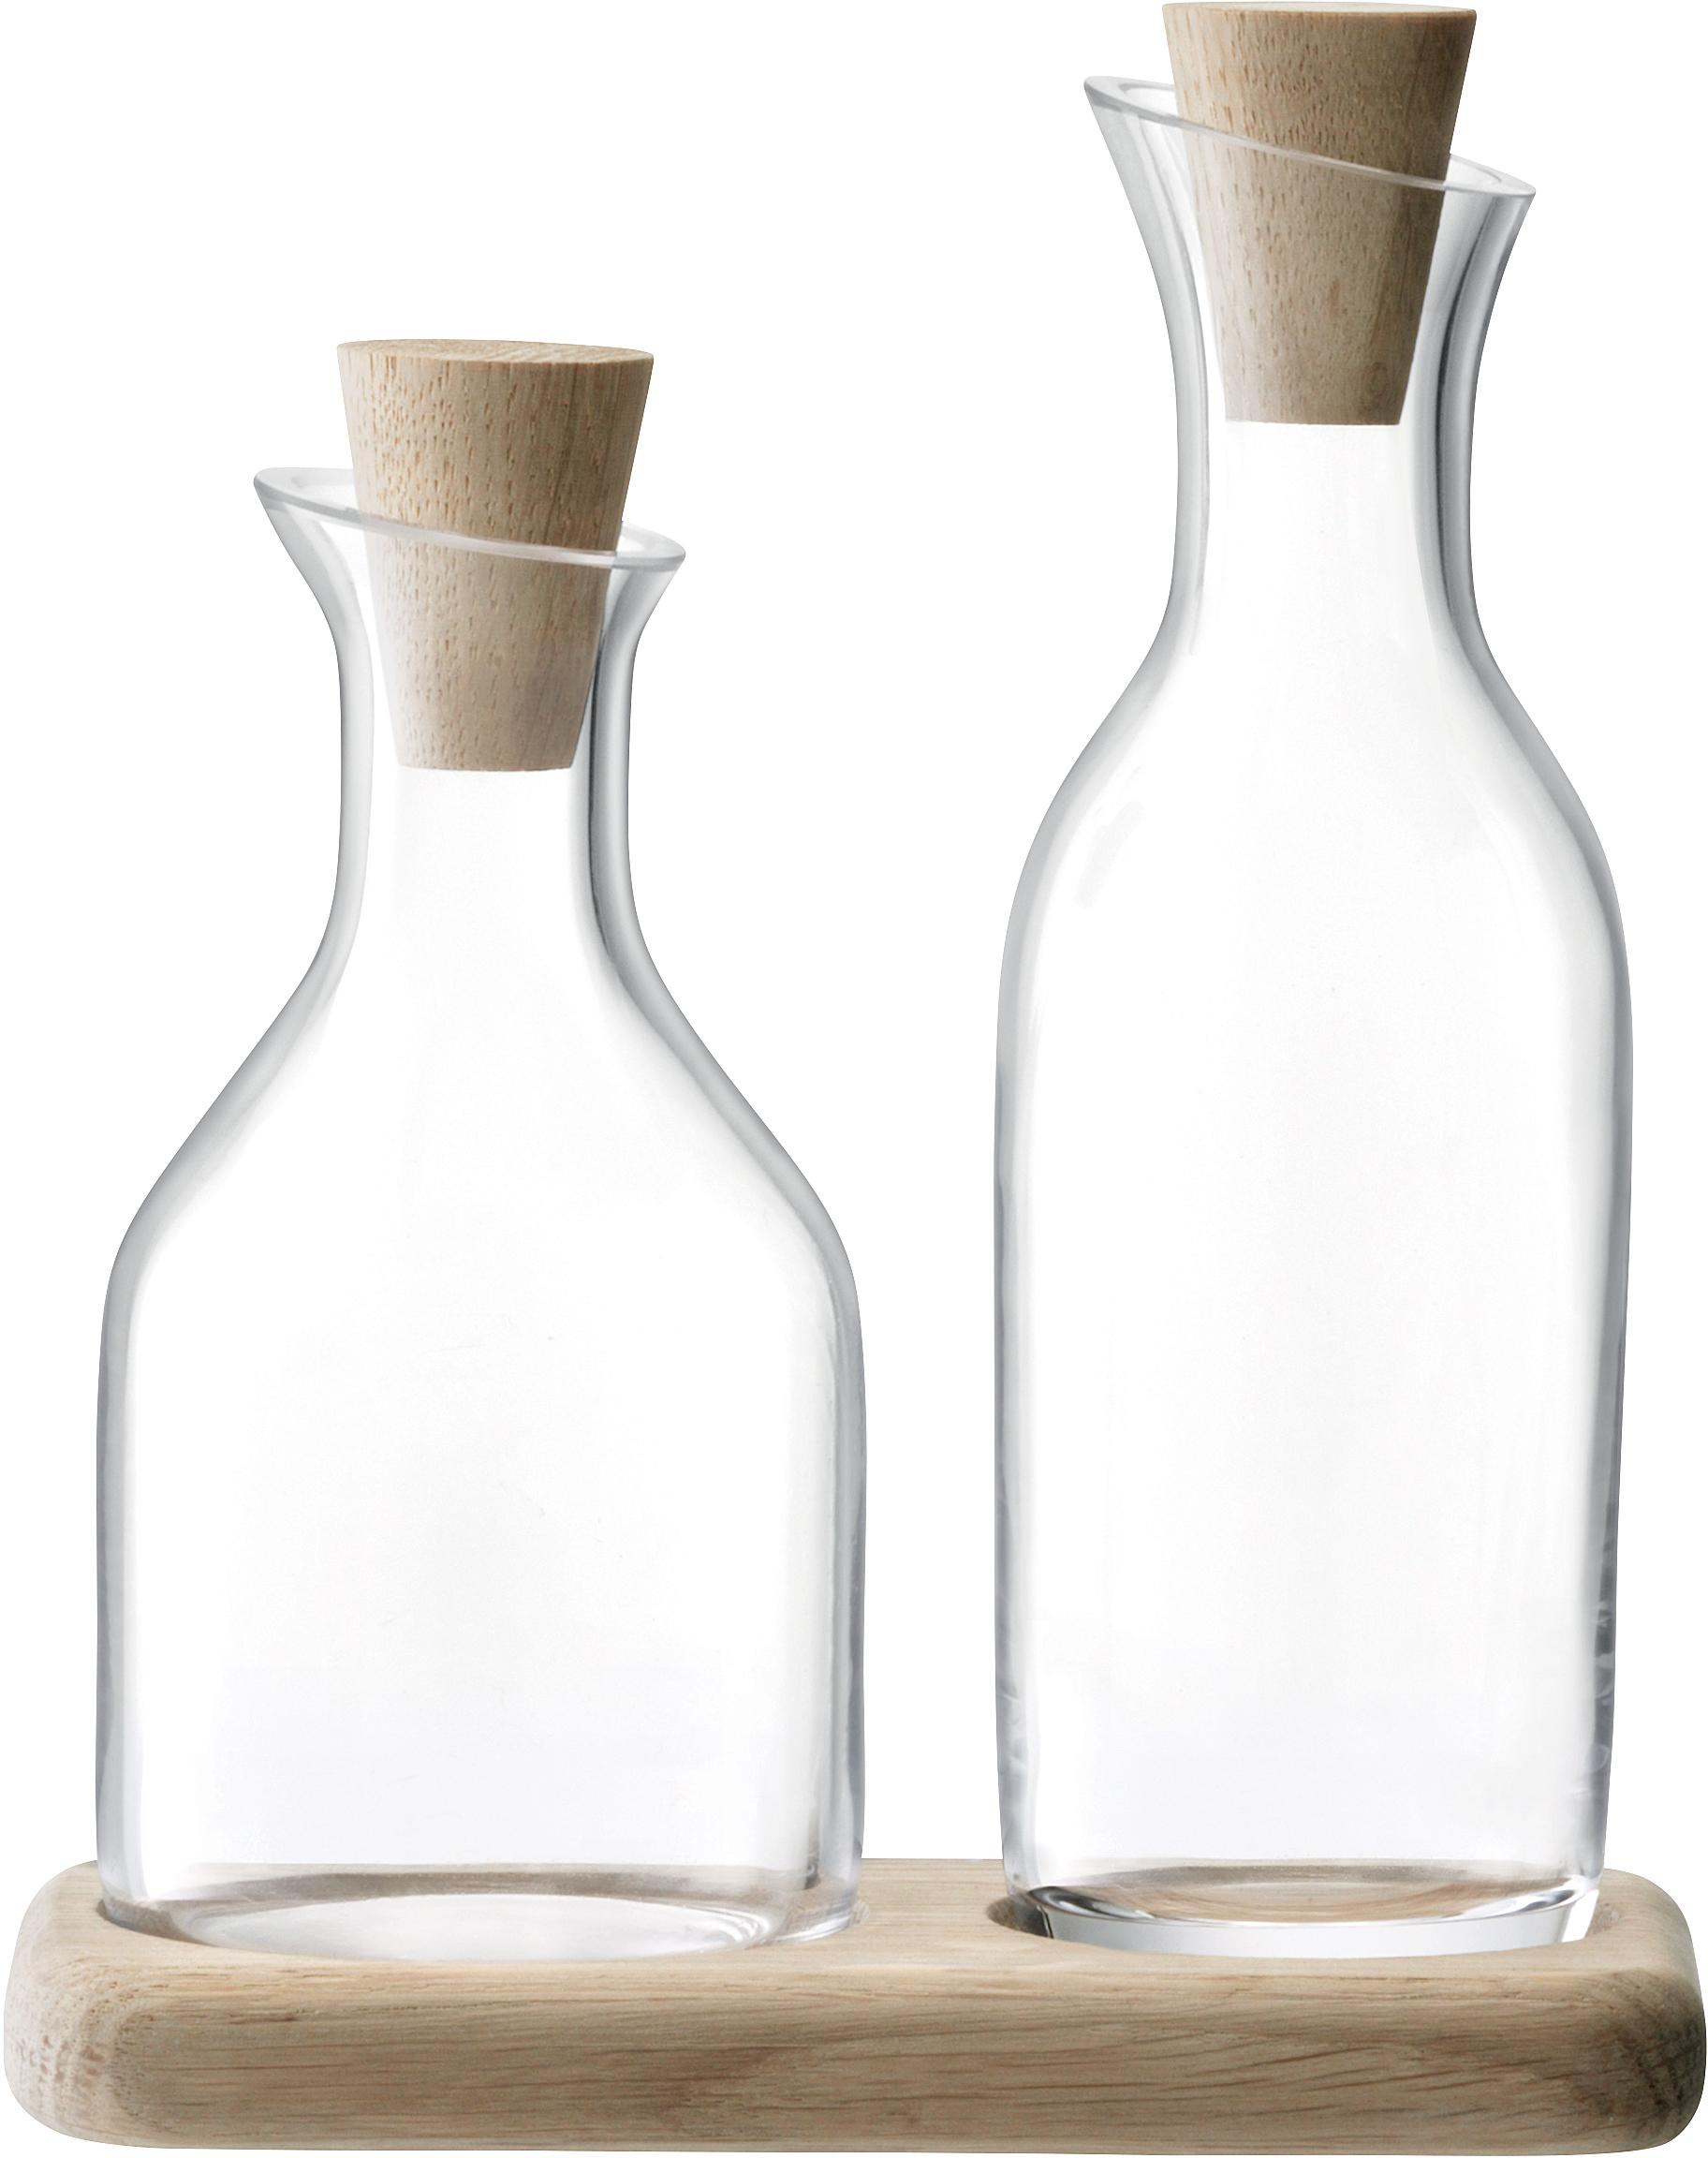 Set de aceitera y vinagrera Serve, 3pzas., Bandeja: madera de roble, Roble, transparente, Set de diferentes tamaños